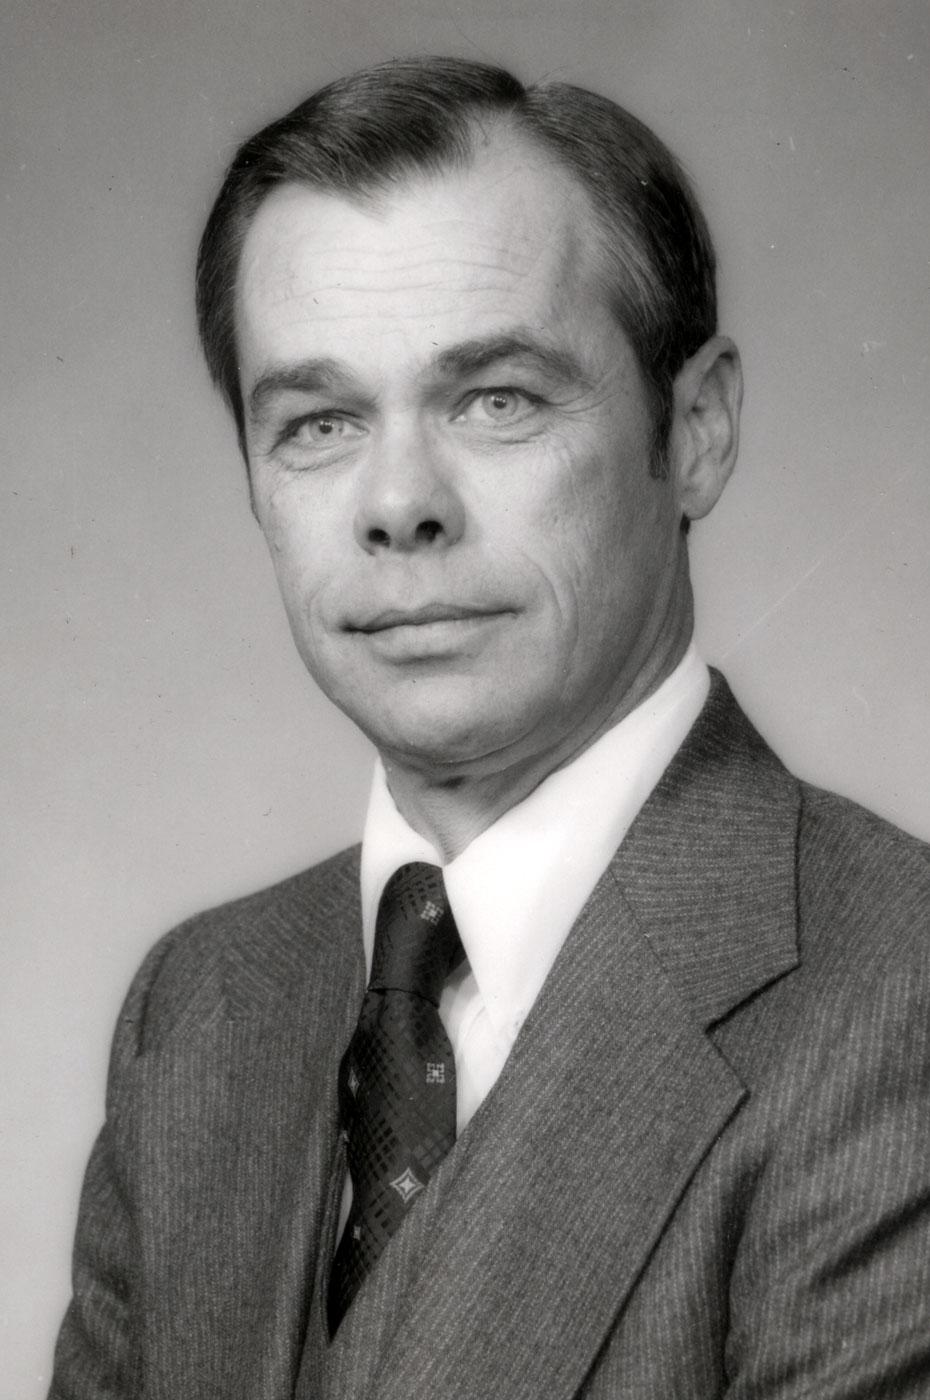 James J. Whitehead